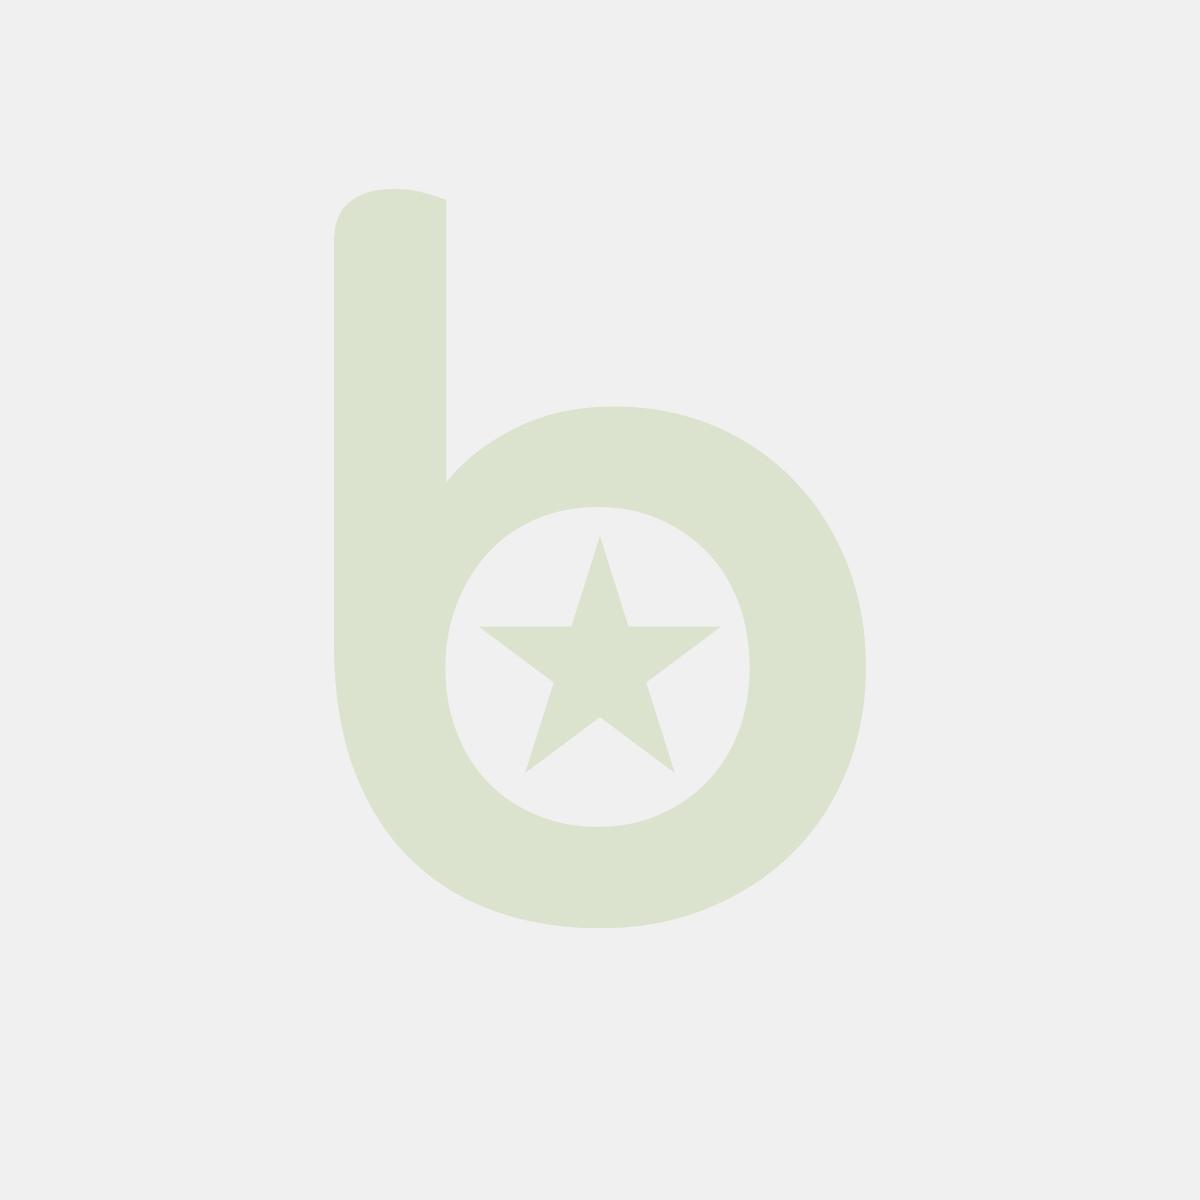 Folia wieczkowa 210/250m Polylid 103 PEEL 55mikr